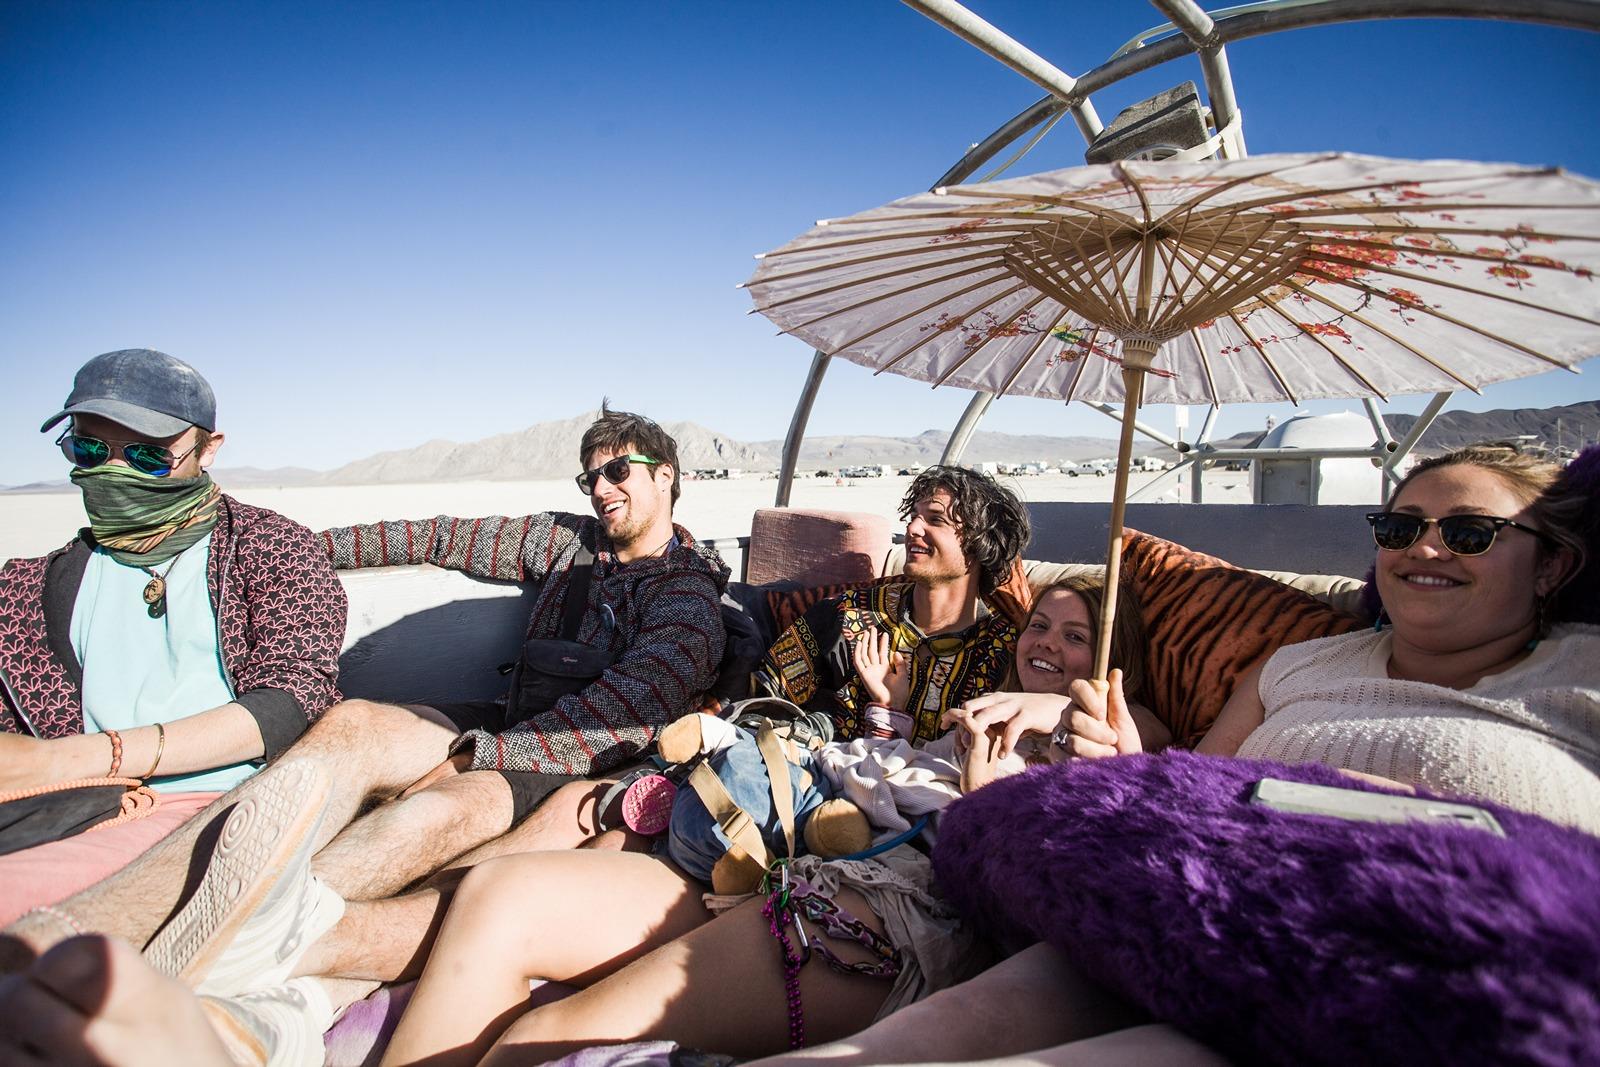 Burning Man - Relaxing in an art car